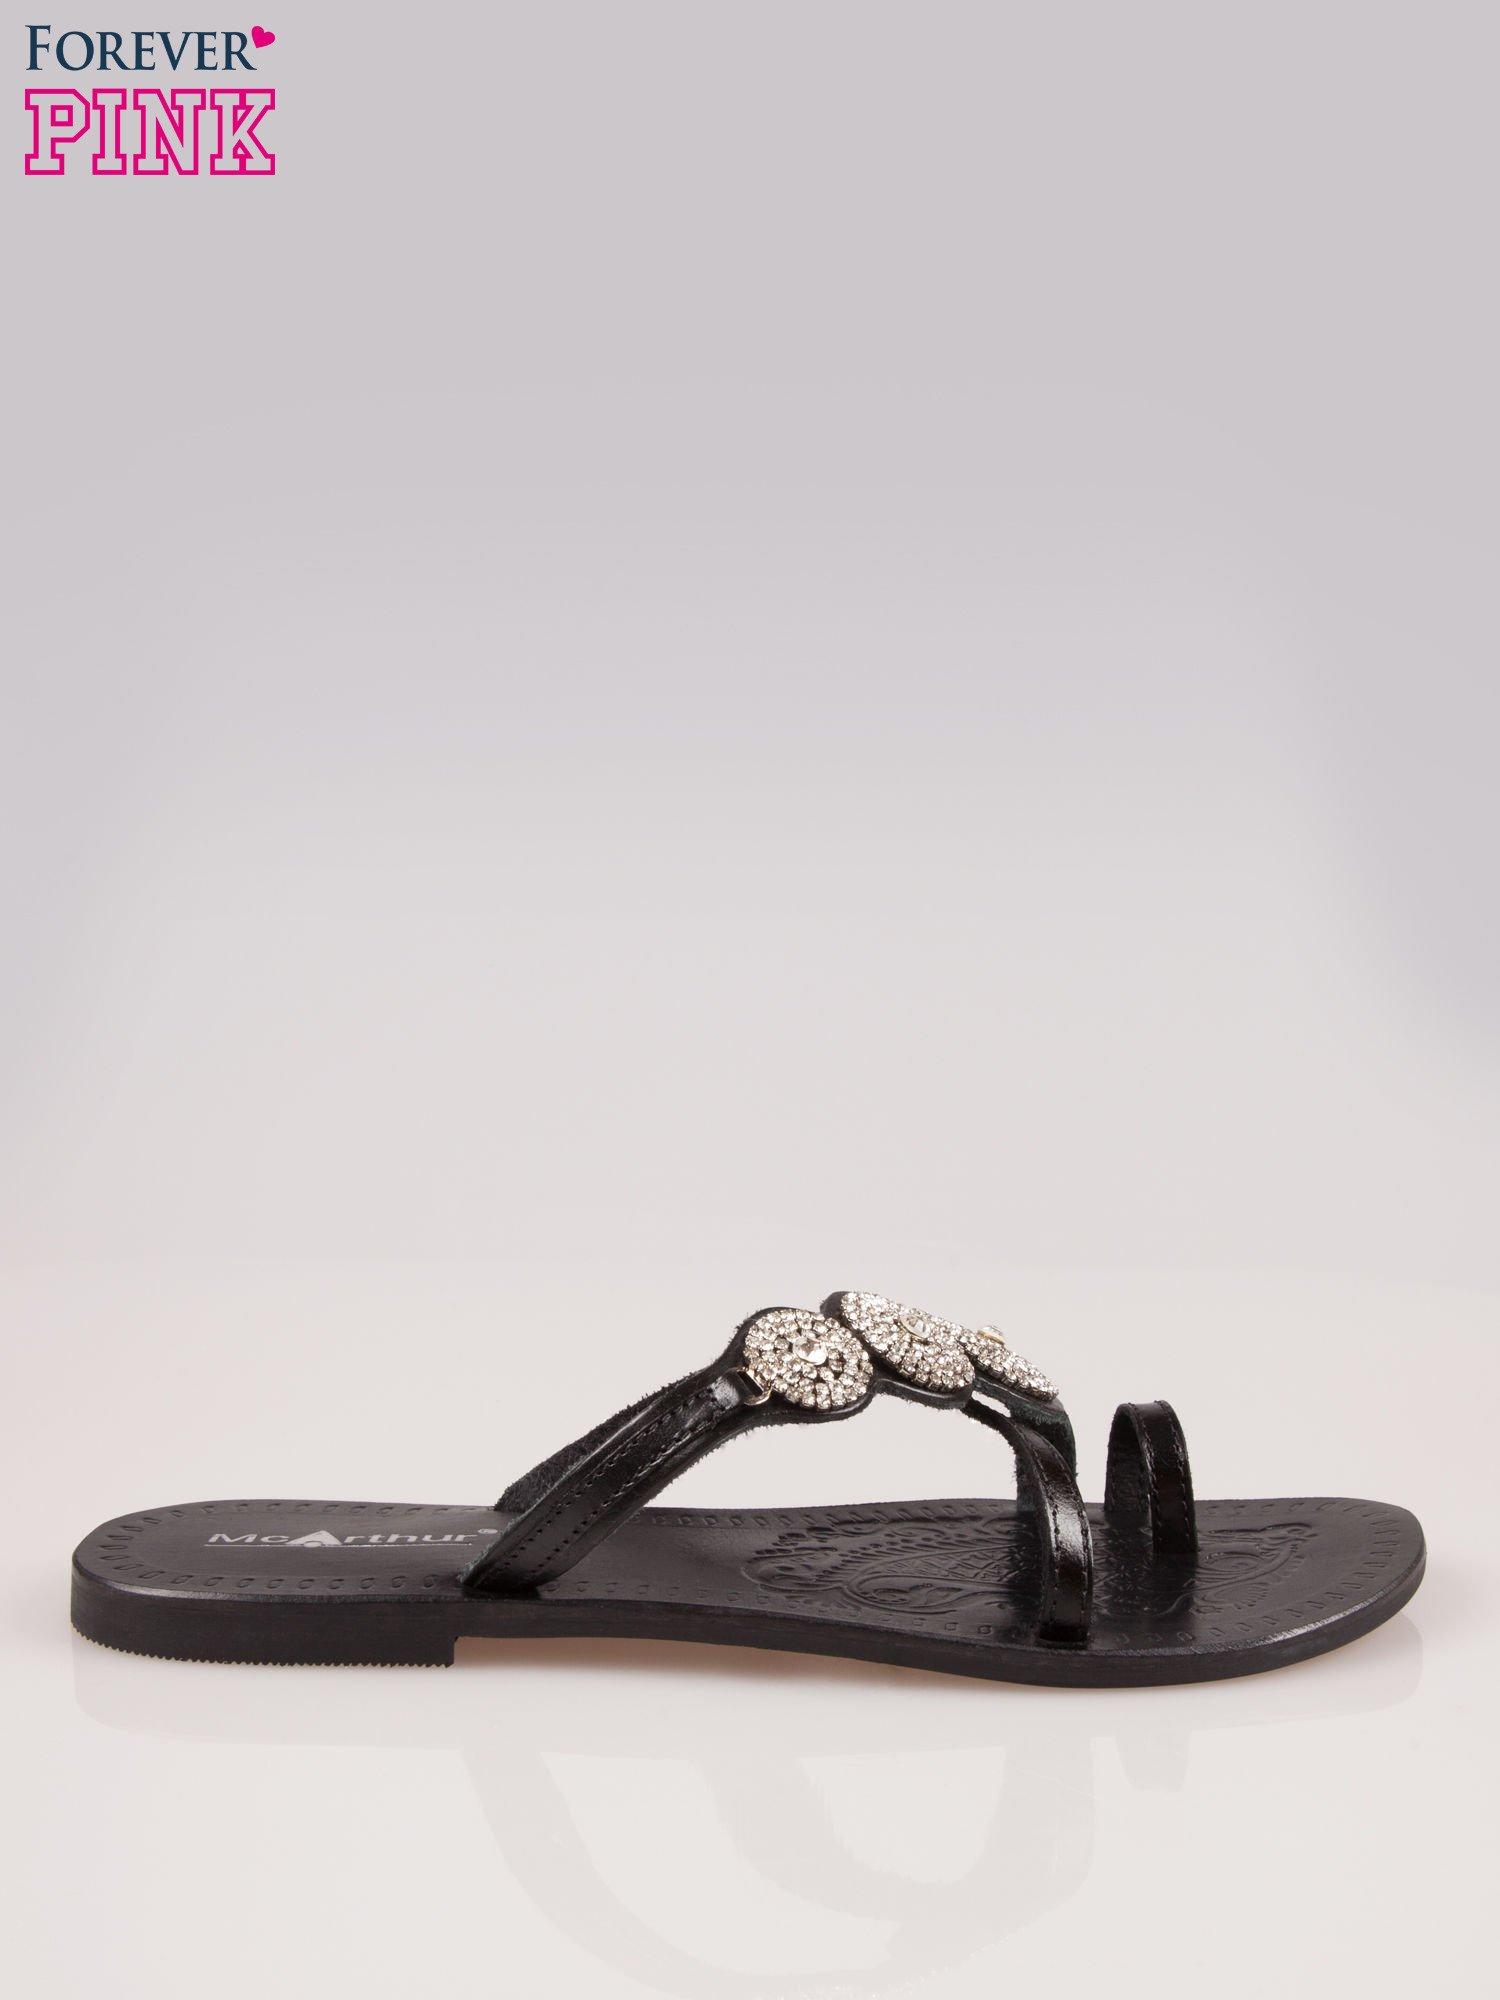 Czarne skórzane klapki typu japonki z ozdobami z cyrkonii                                  zdj.                                  1